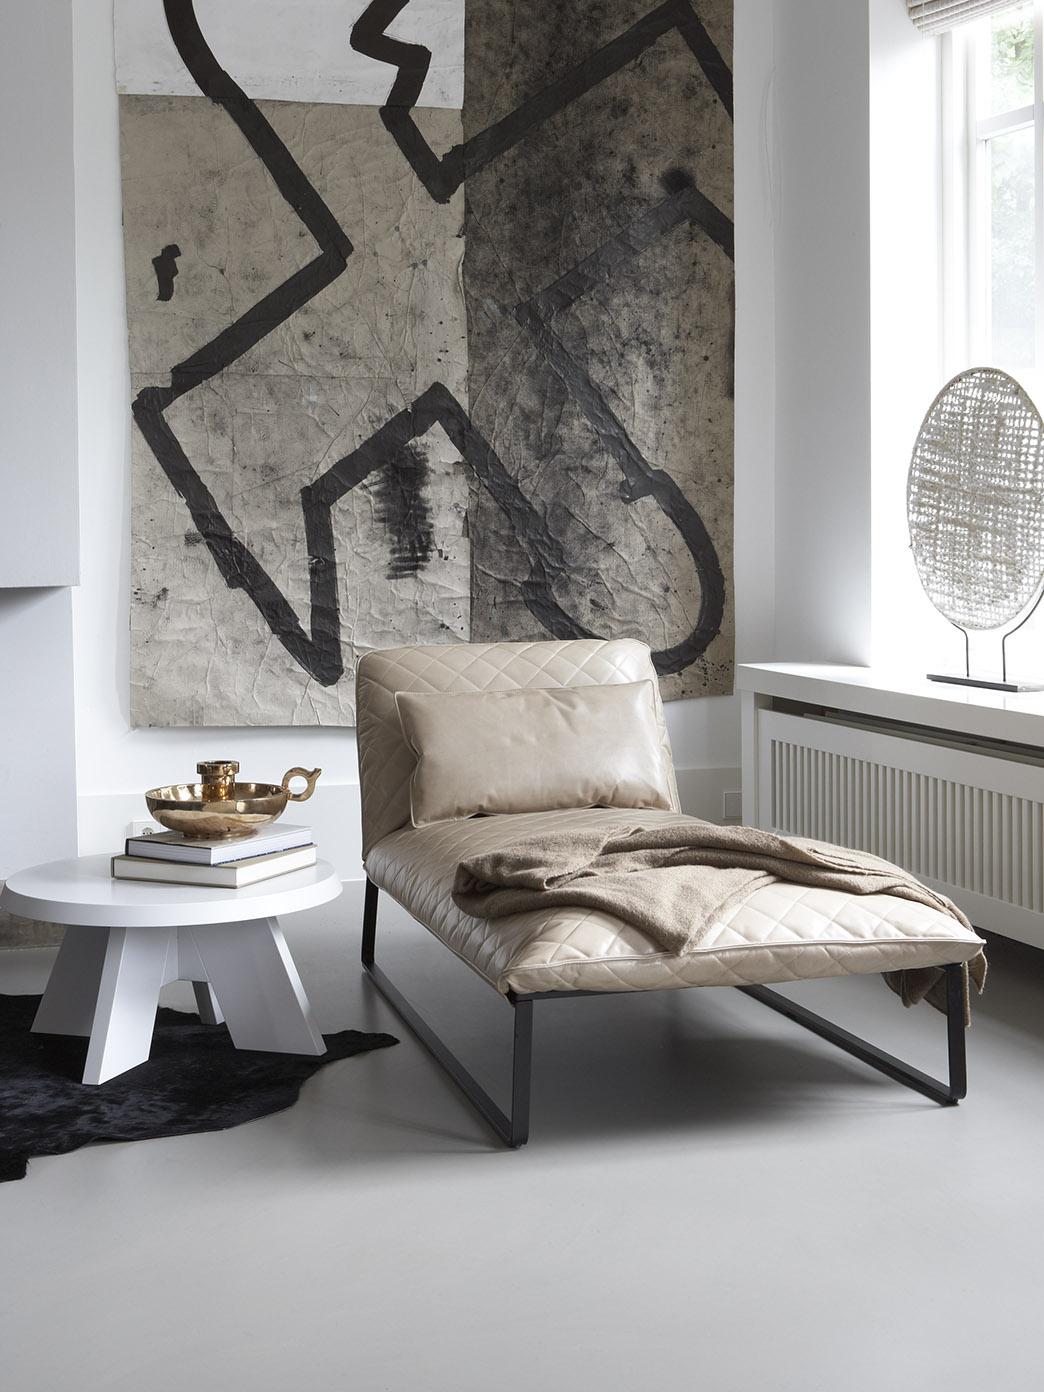 KEKKE longchair and ITSKE coffee table at writers studio